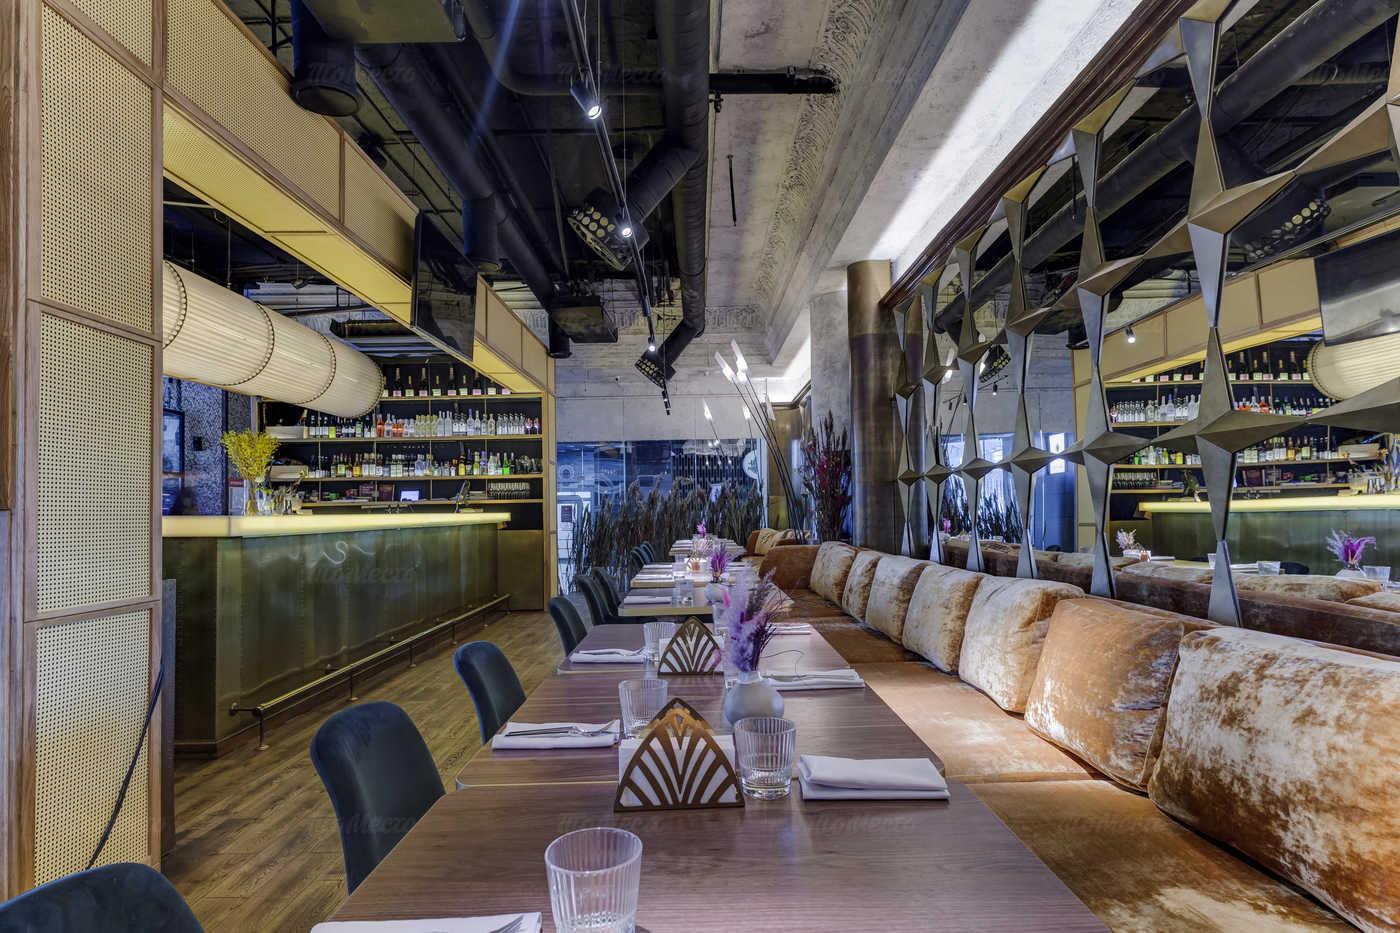 Ресторан Гранд Урюк Berezka (бывш. Березка City) На Пресненской набережной фото 3